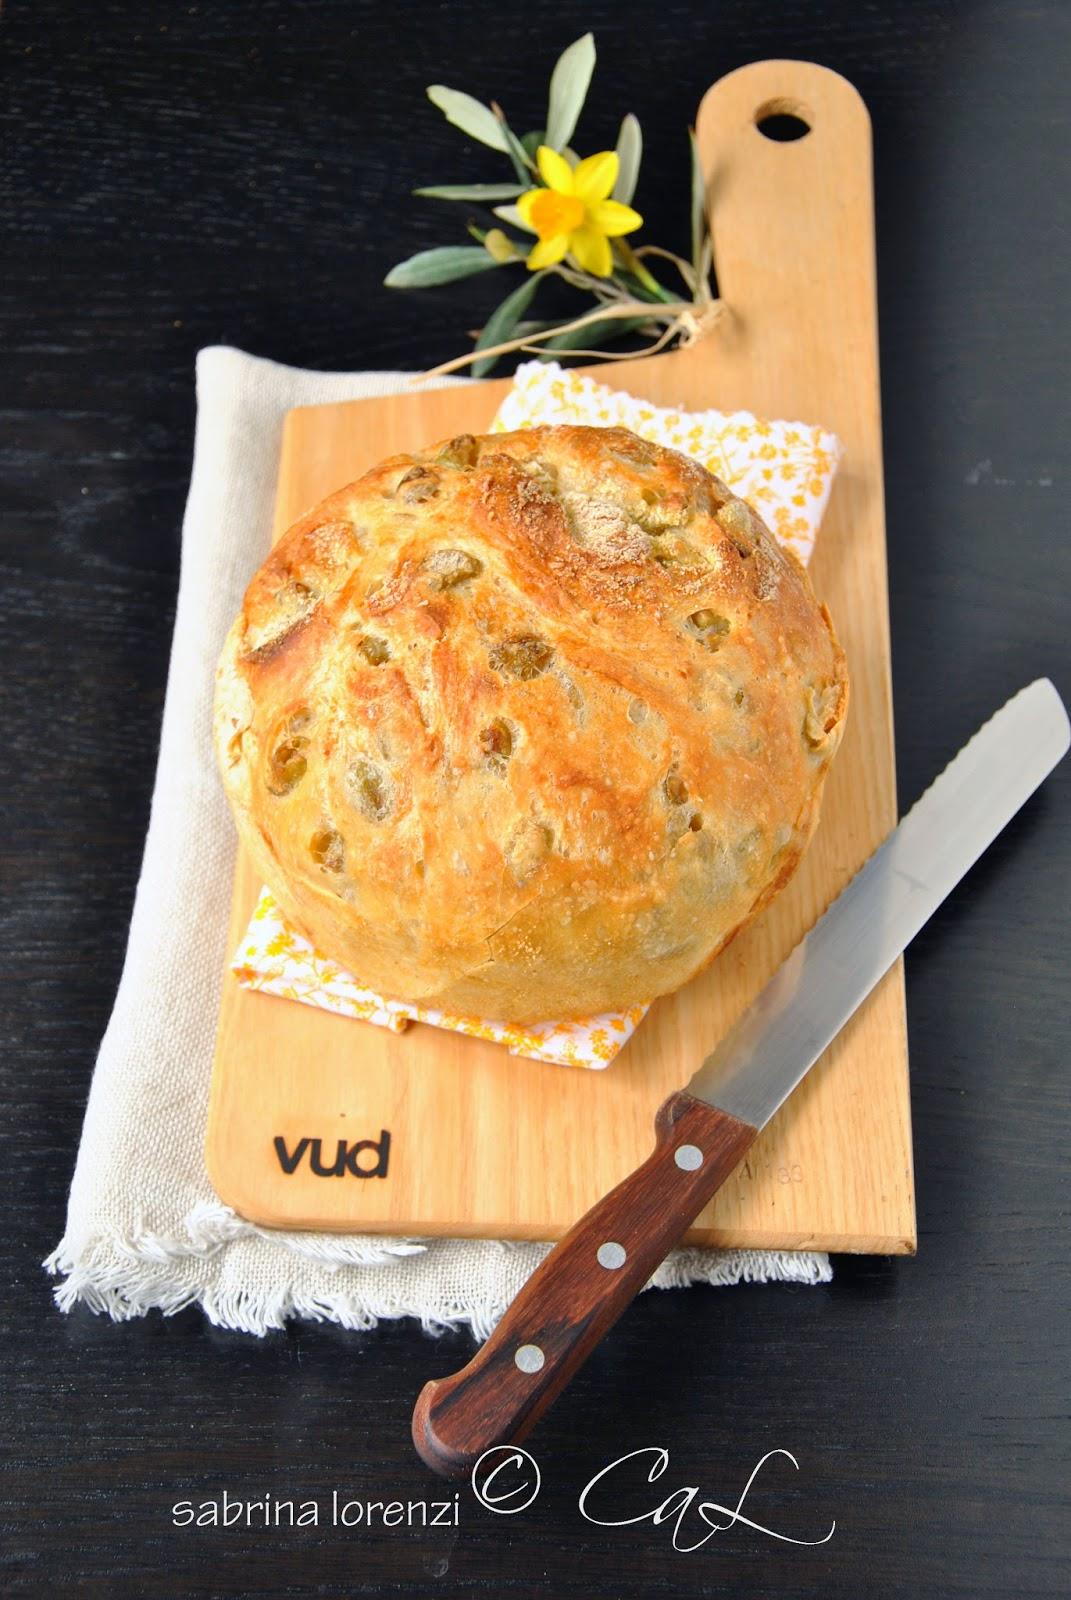 Pane senza impastare alle olive verdi testando le nuove - Nuove posizioni a letto ...